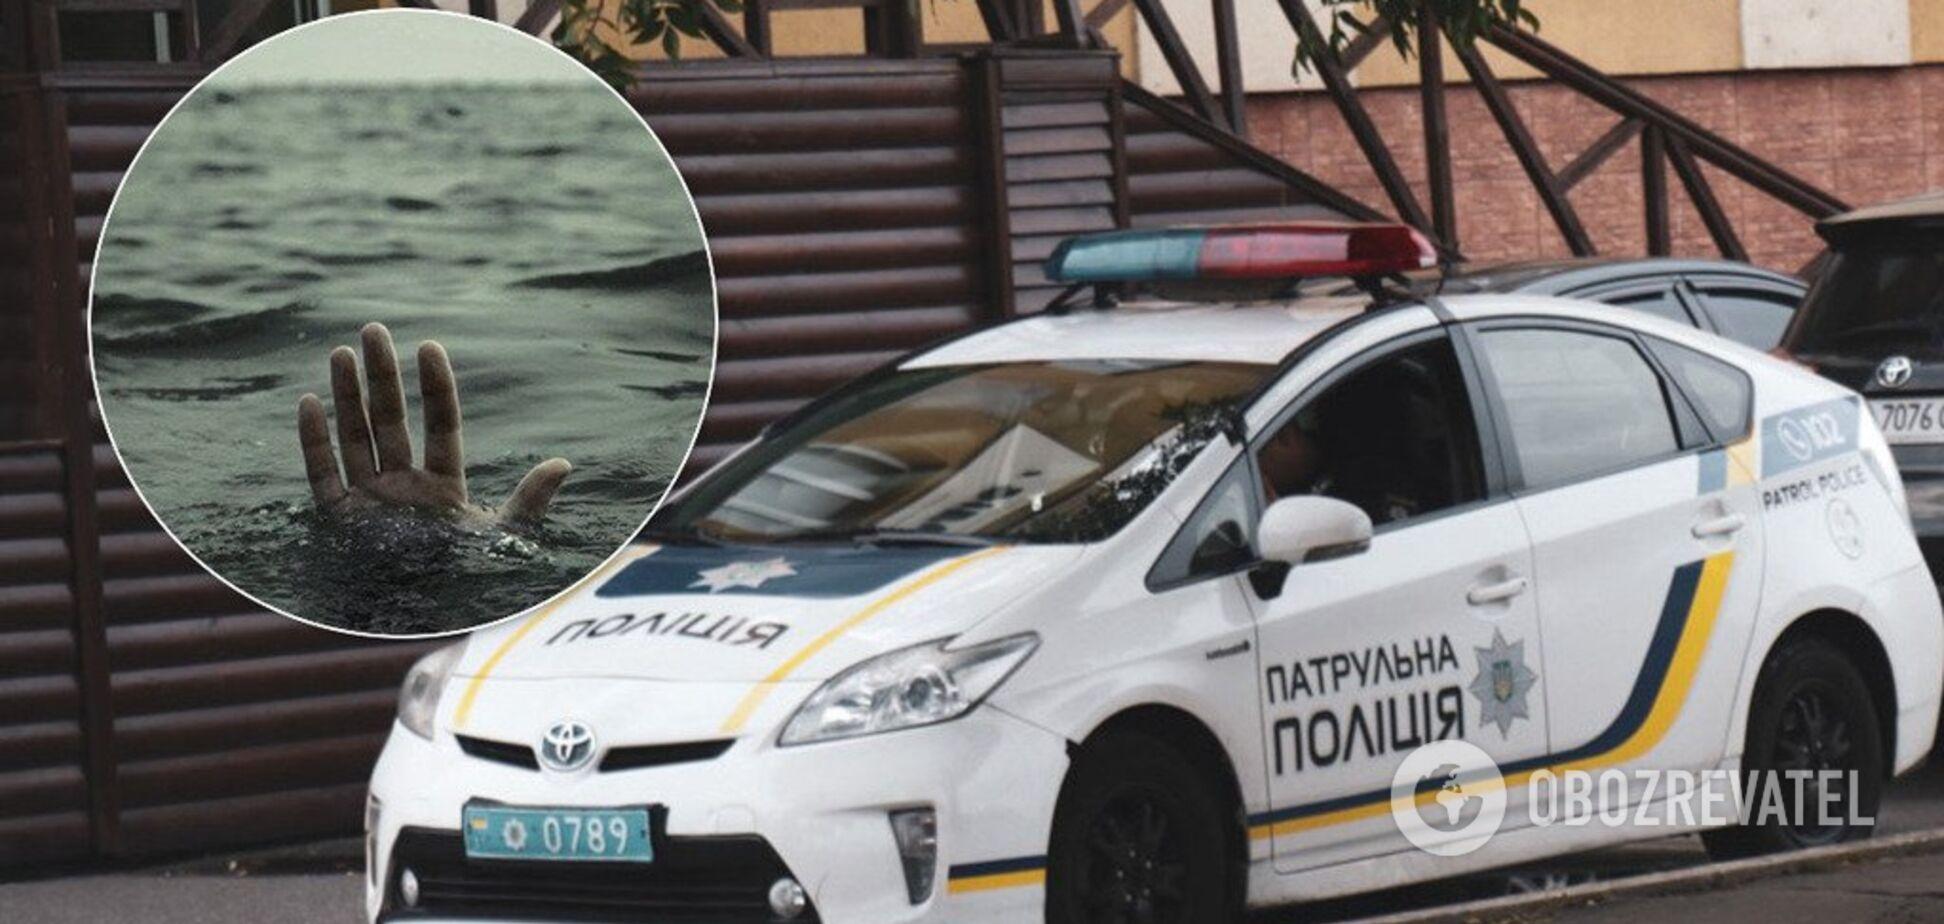 В Киеве в озере обнаружили тело мужчины: фото 18+